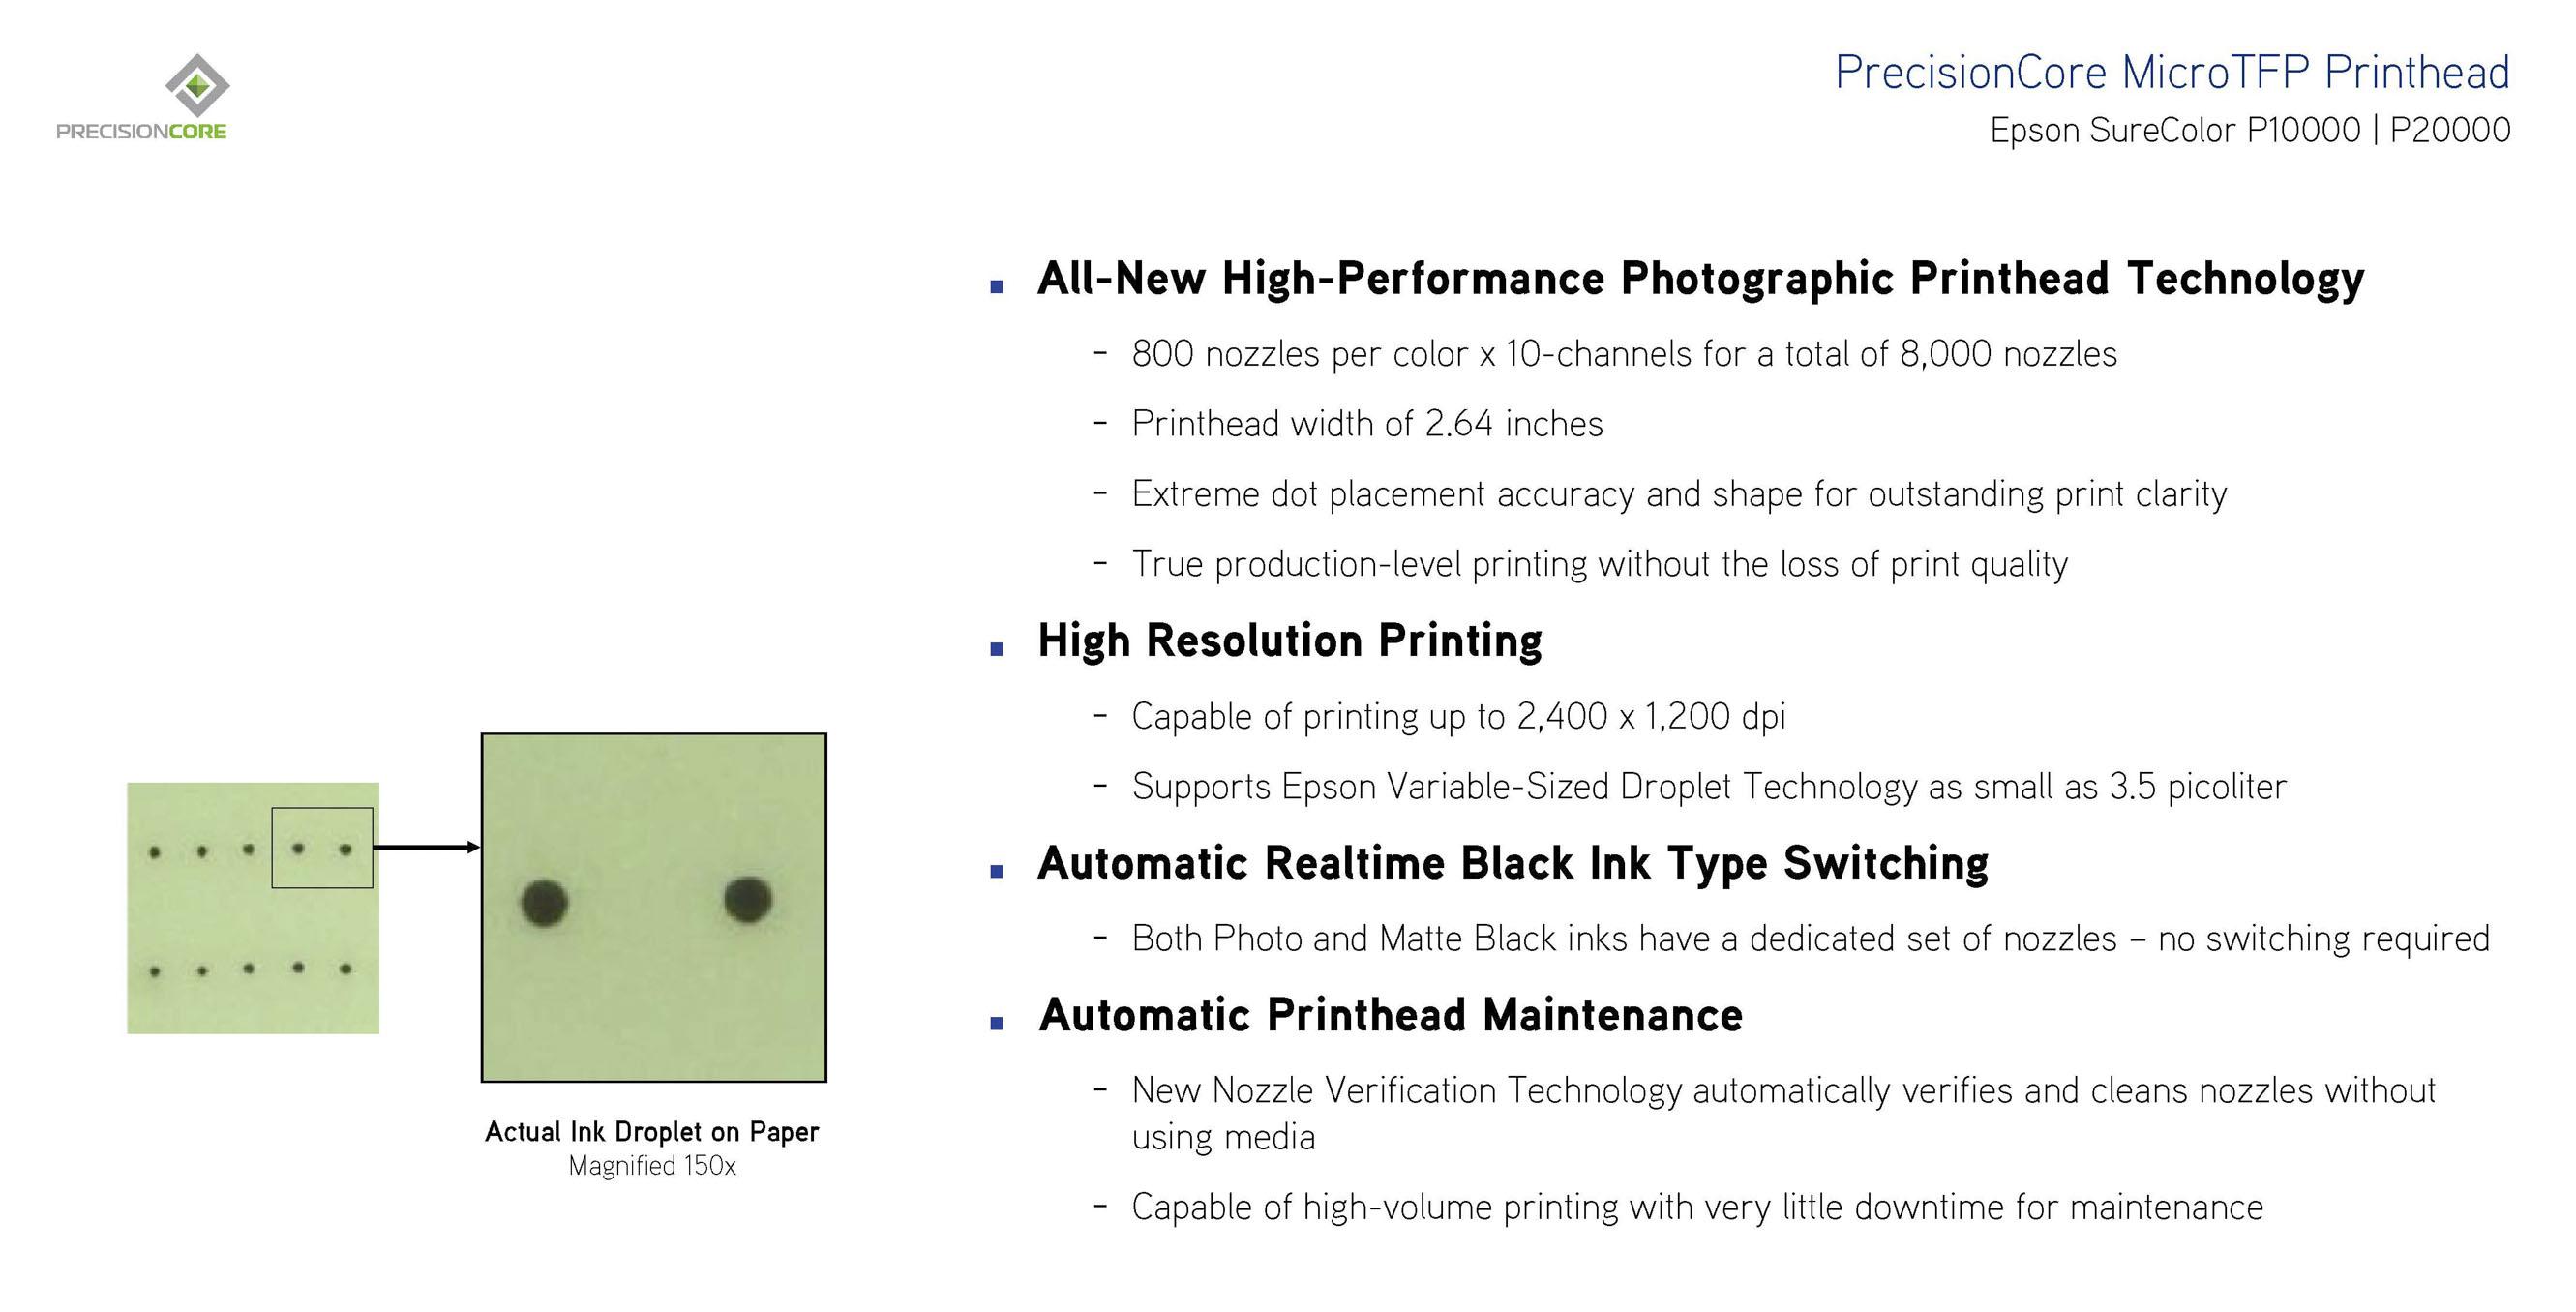 PrecisionCore MicroTFP Printhead